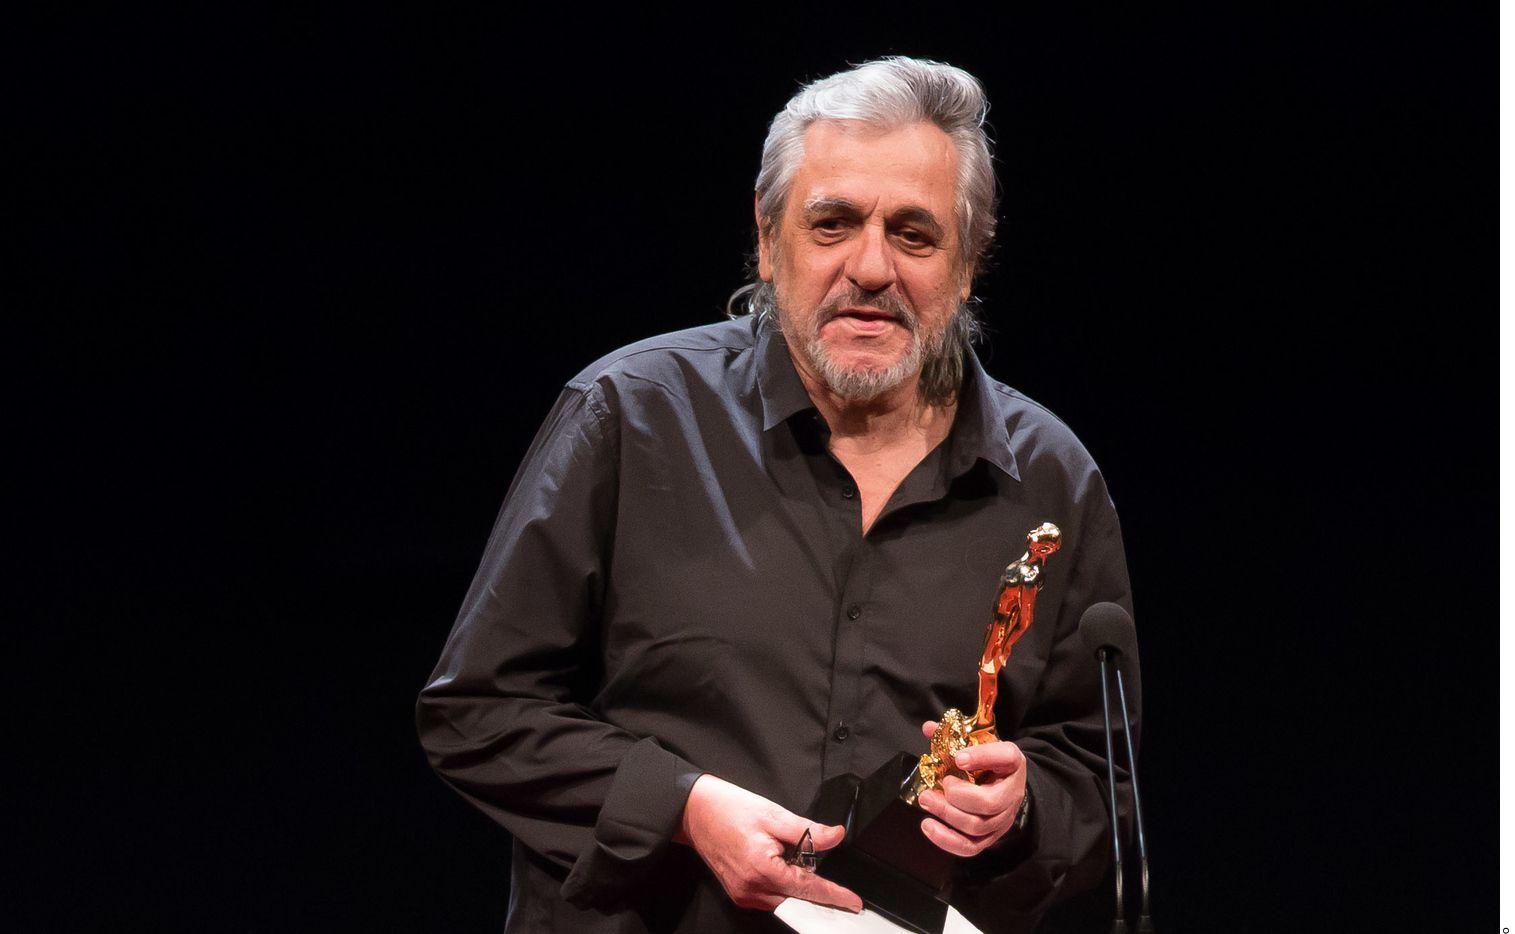 El cineasta Paul Leduc falleció a los 78 años.